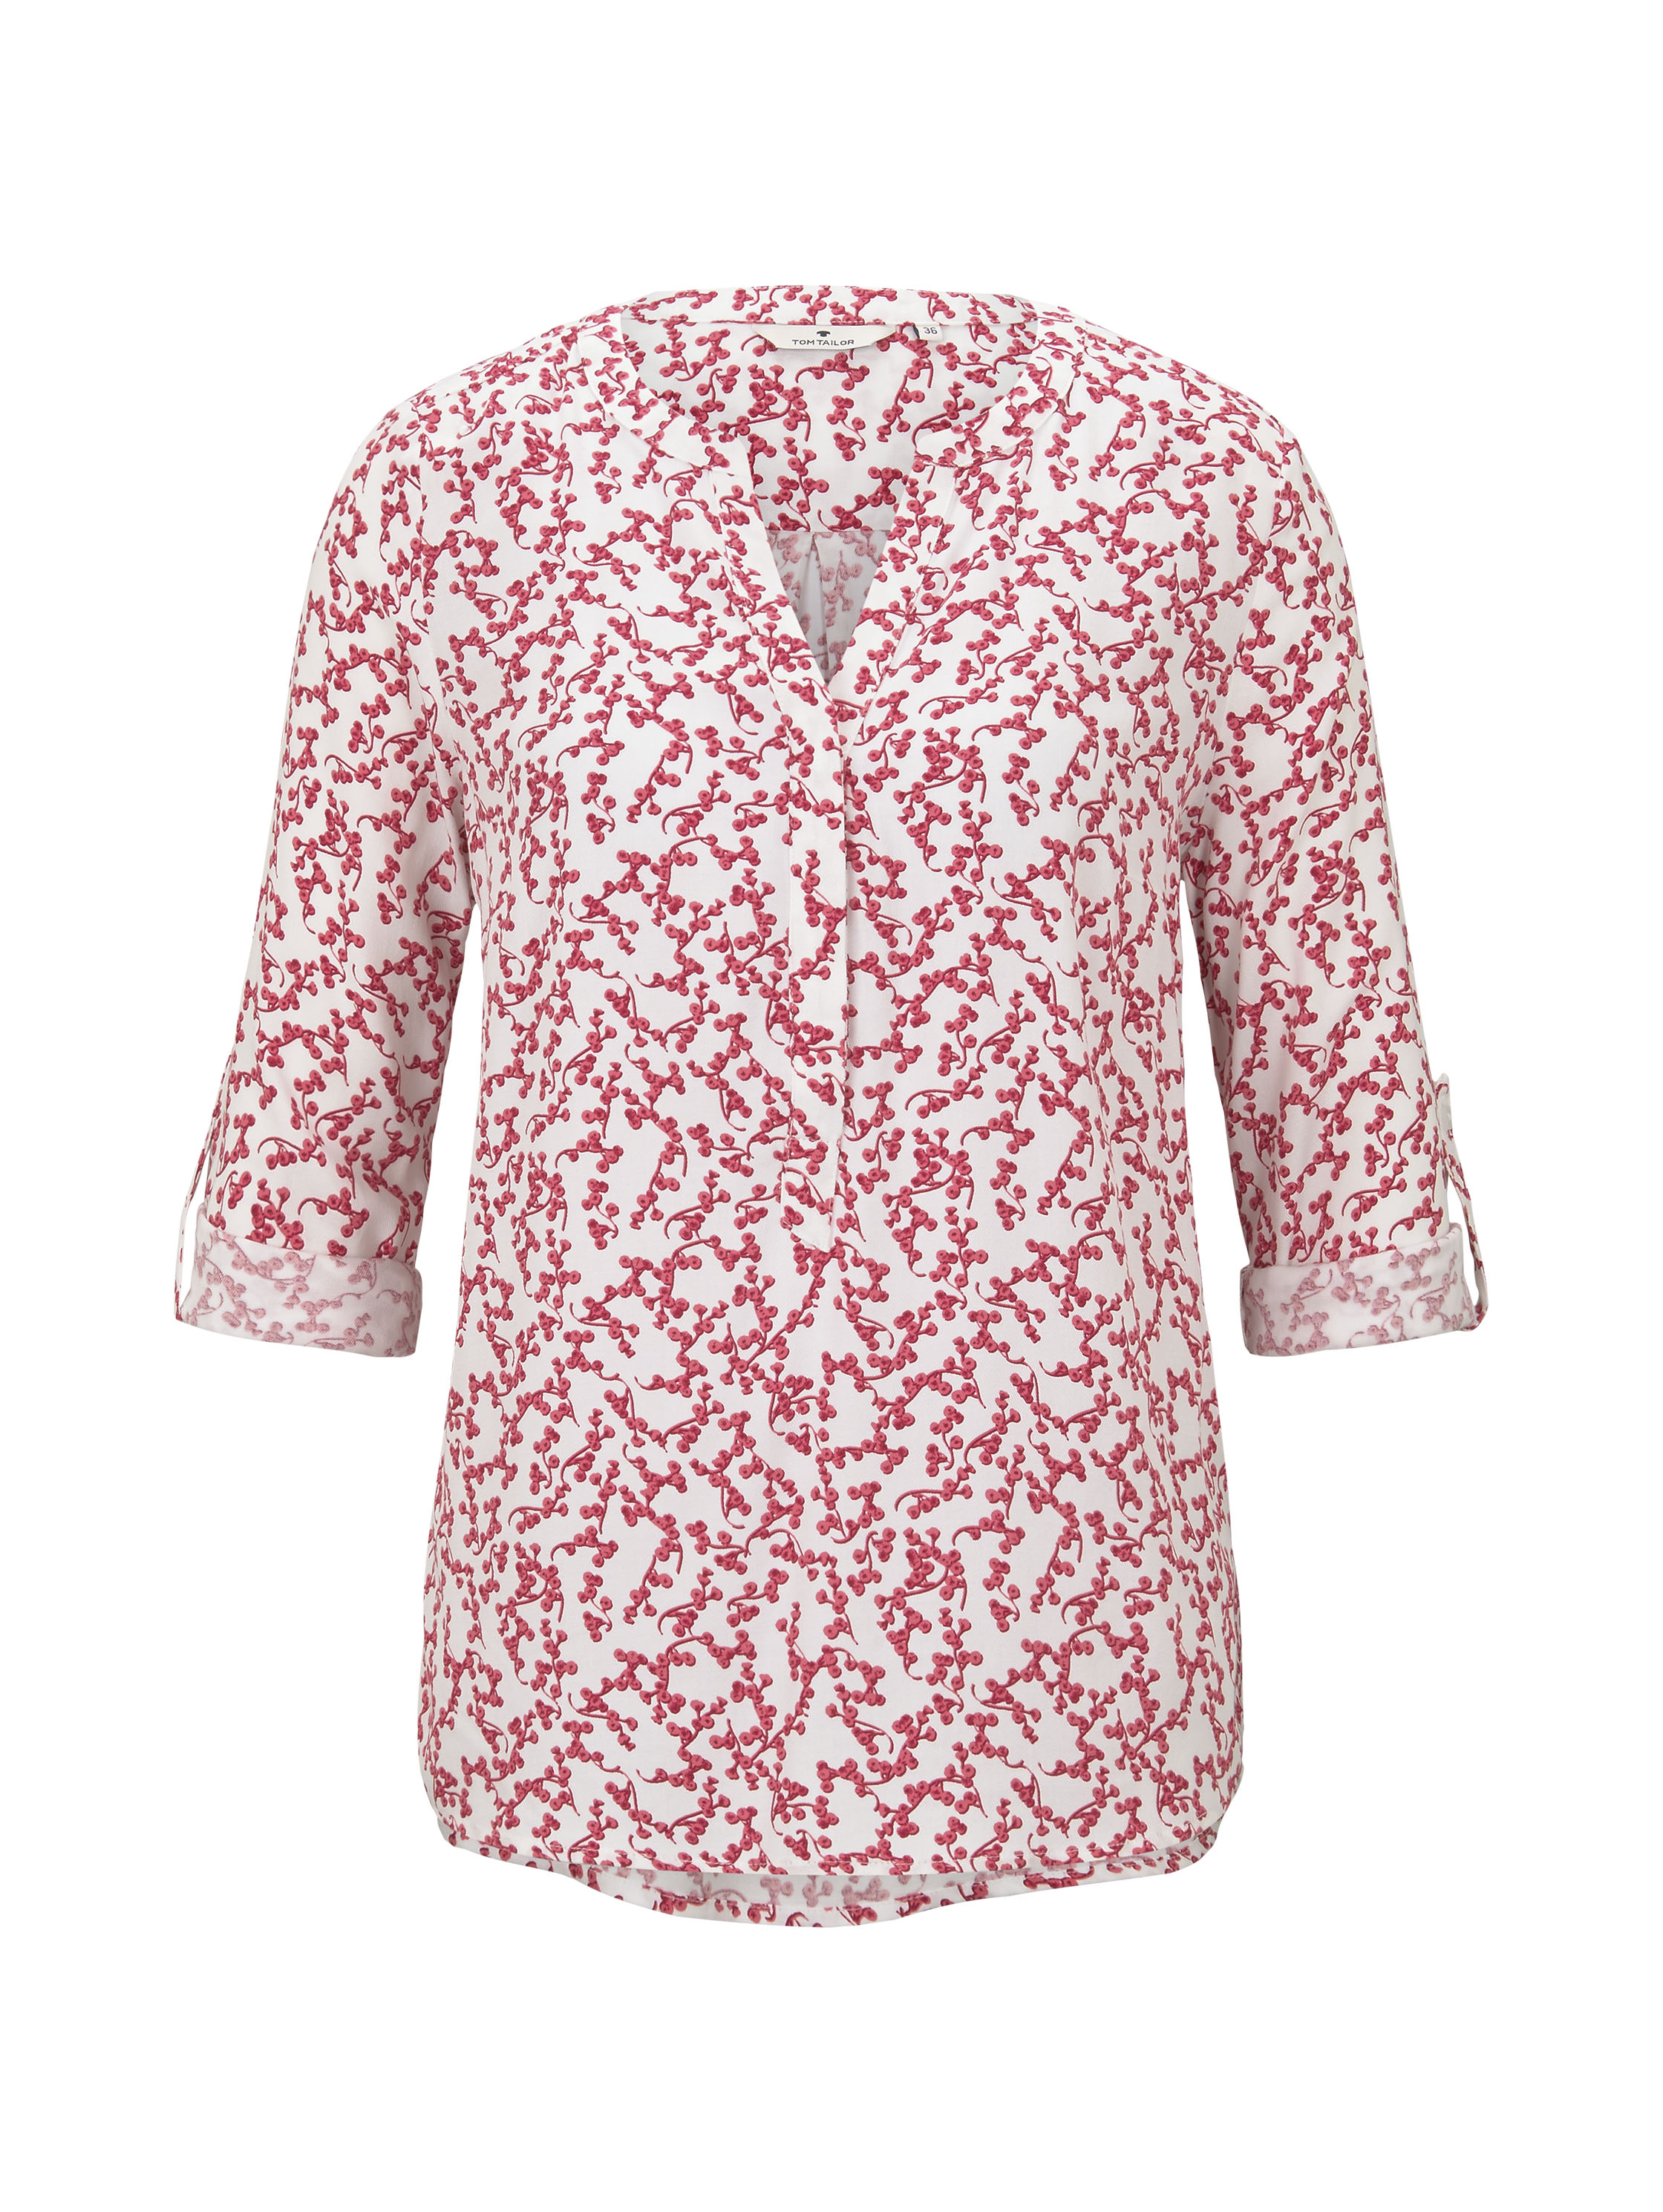 blouse longsleeve printed, pink flowery design           Purpl